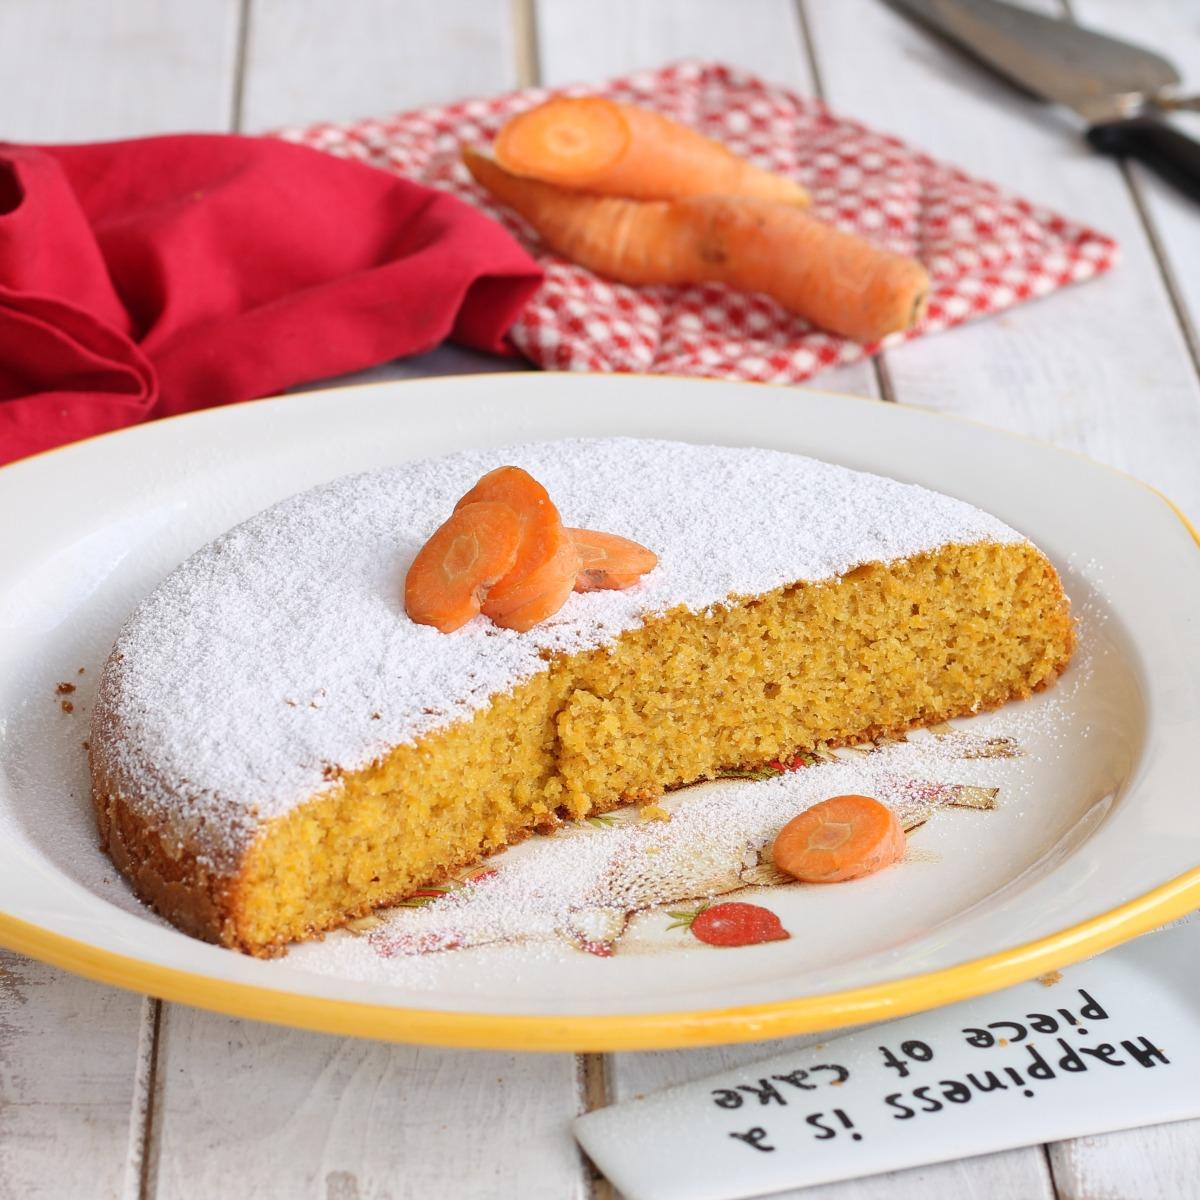 TORTA DI CAROTE LIGHT ricetta torta di carote leggera senza latticini